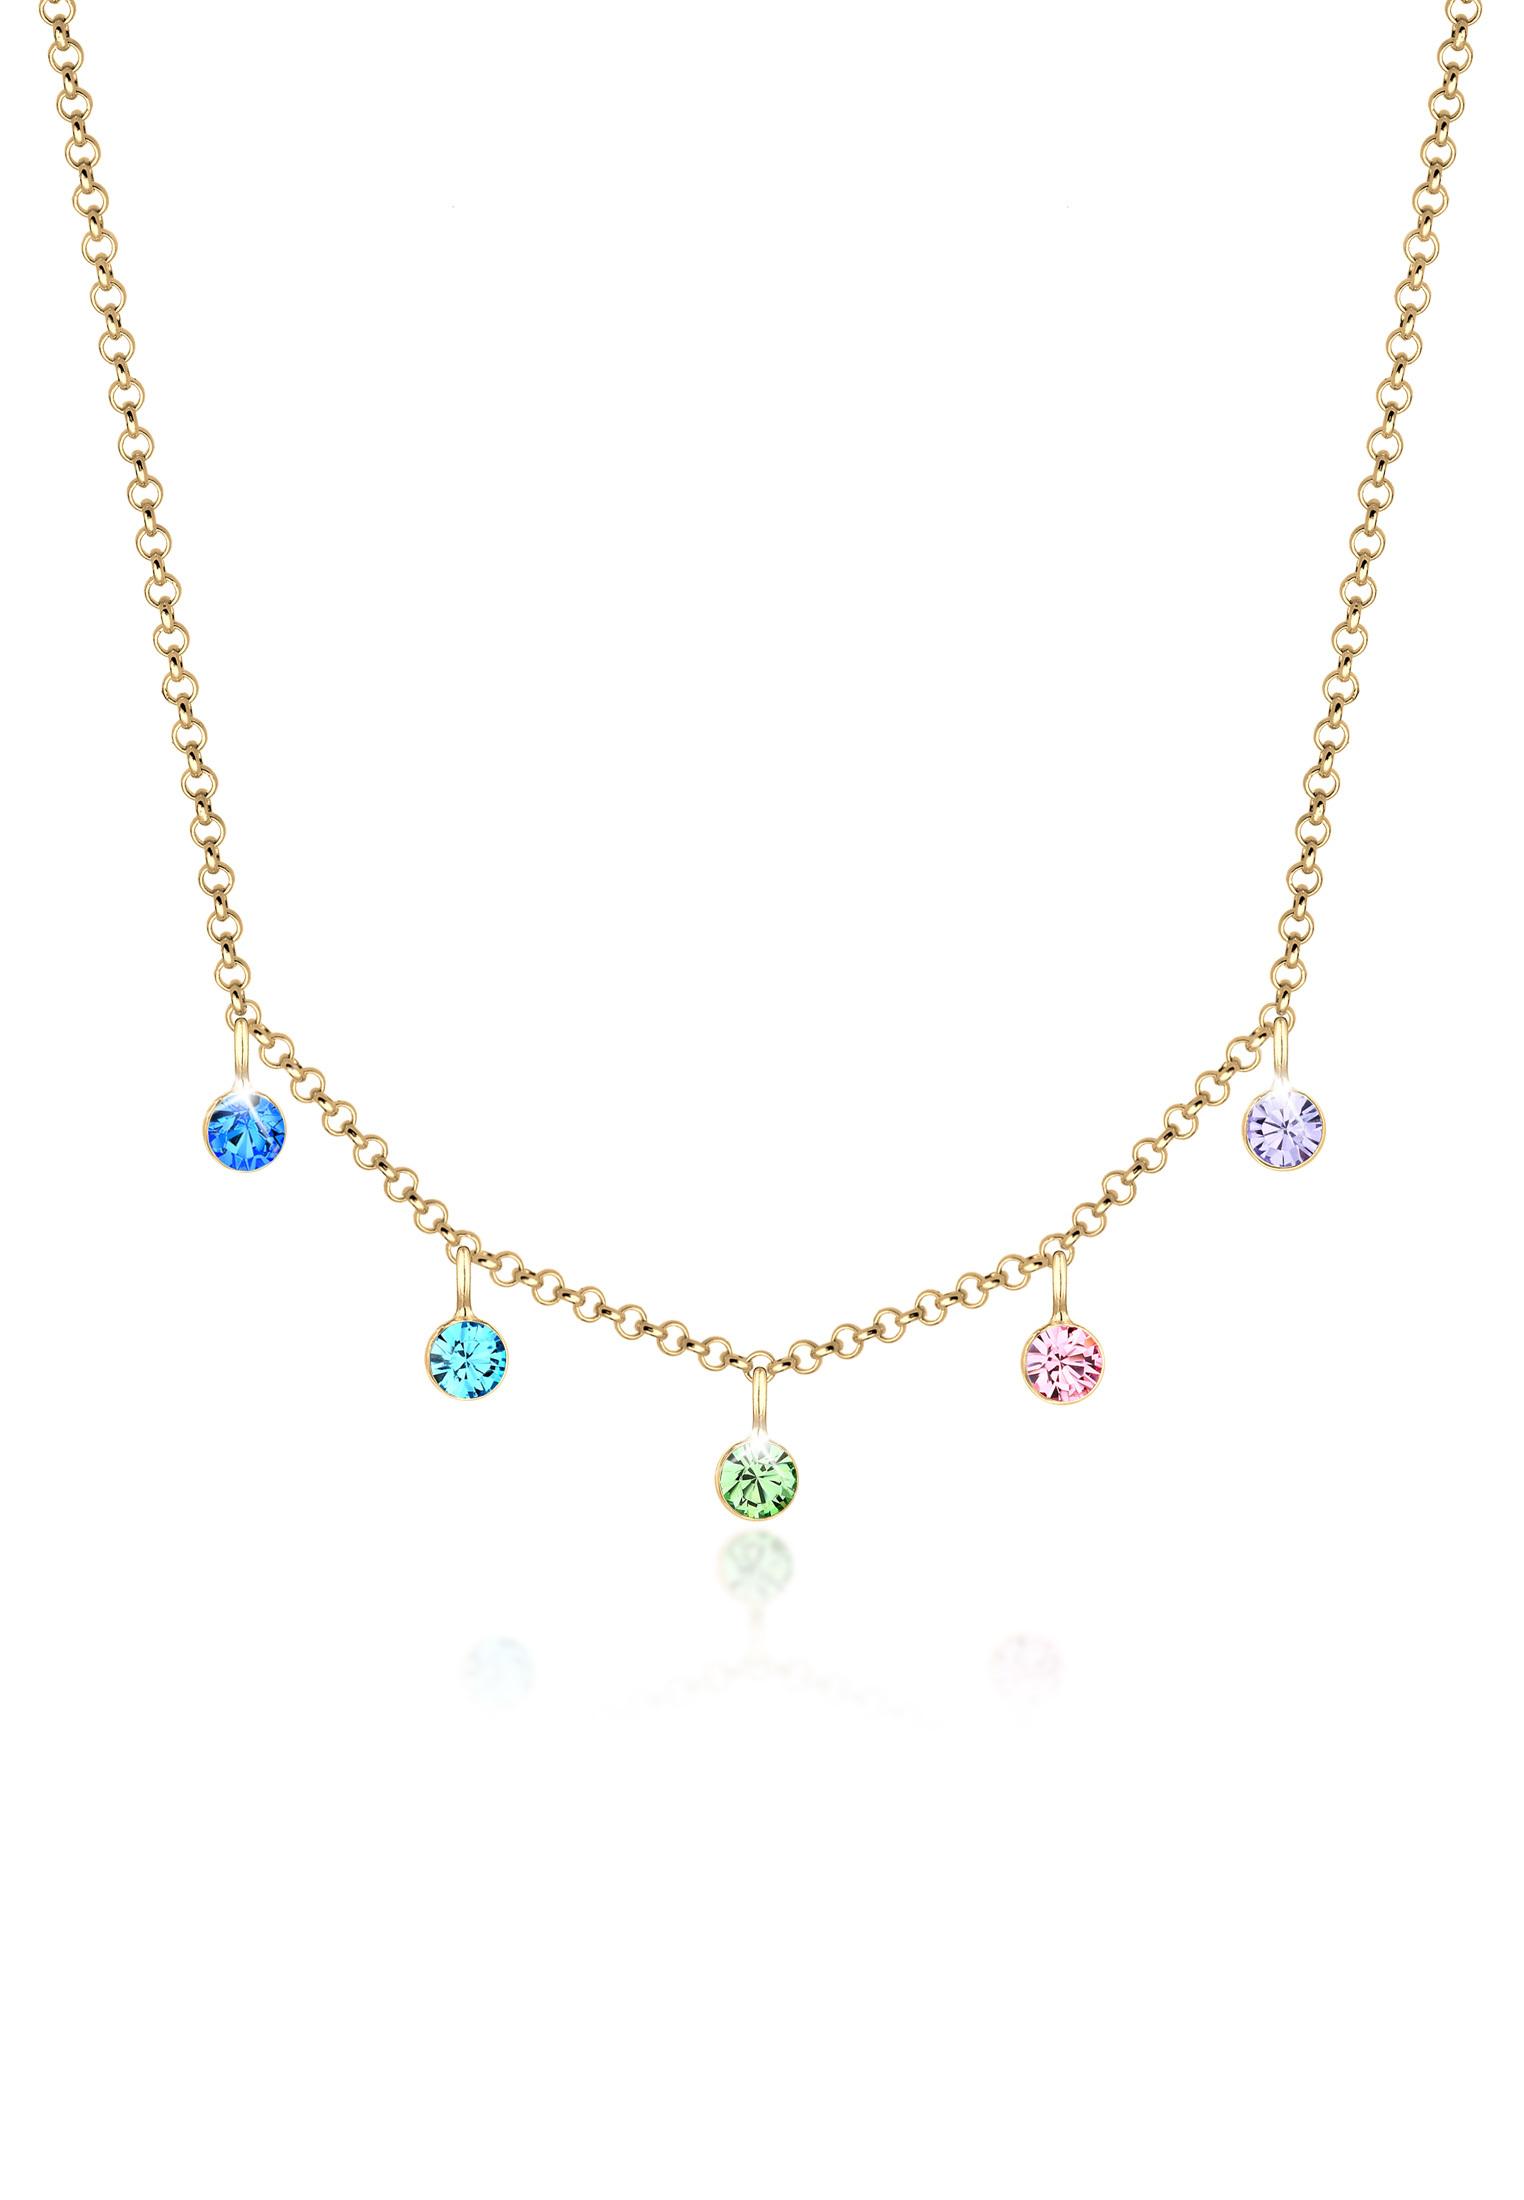 Halskette | Kristall ( Violett ) | 925 Sterling Silber vergoldet